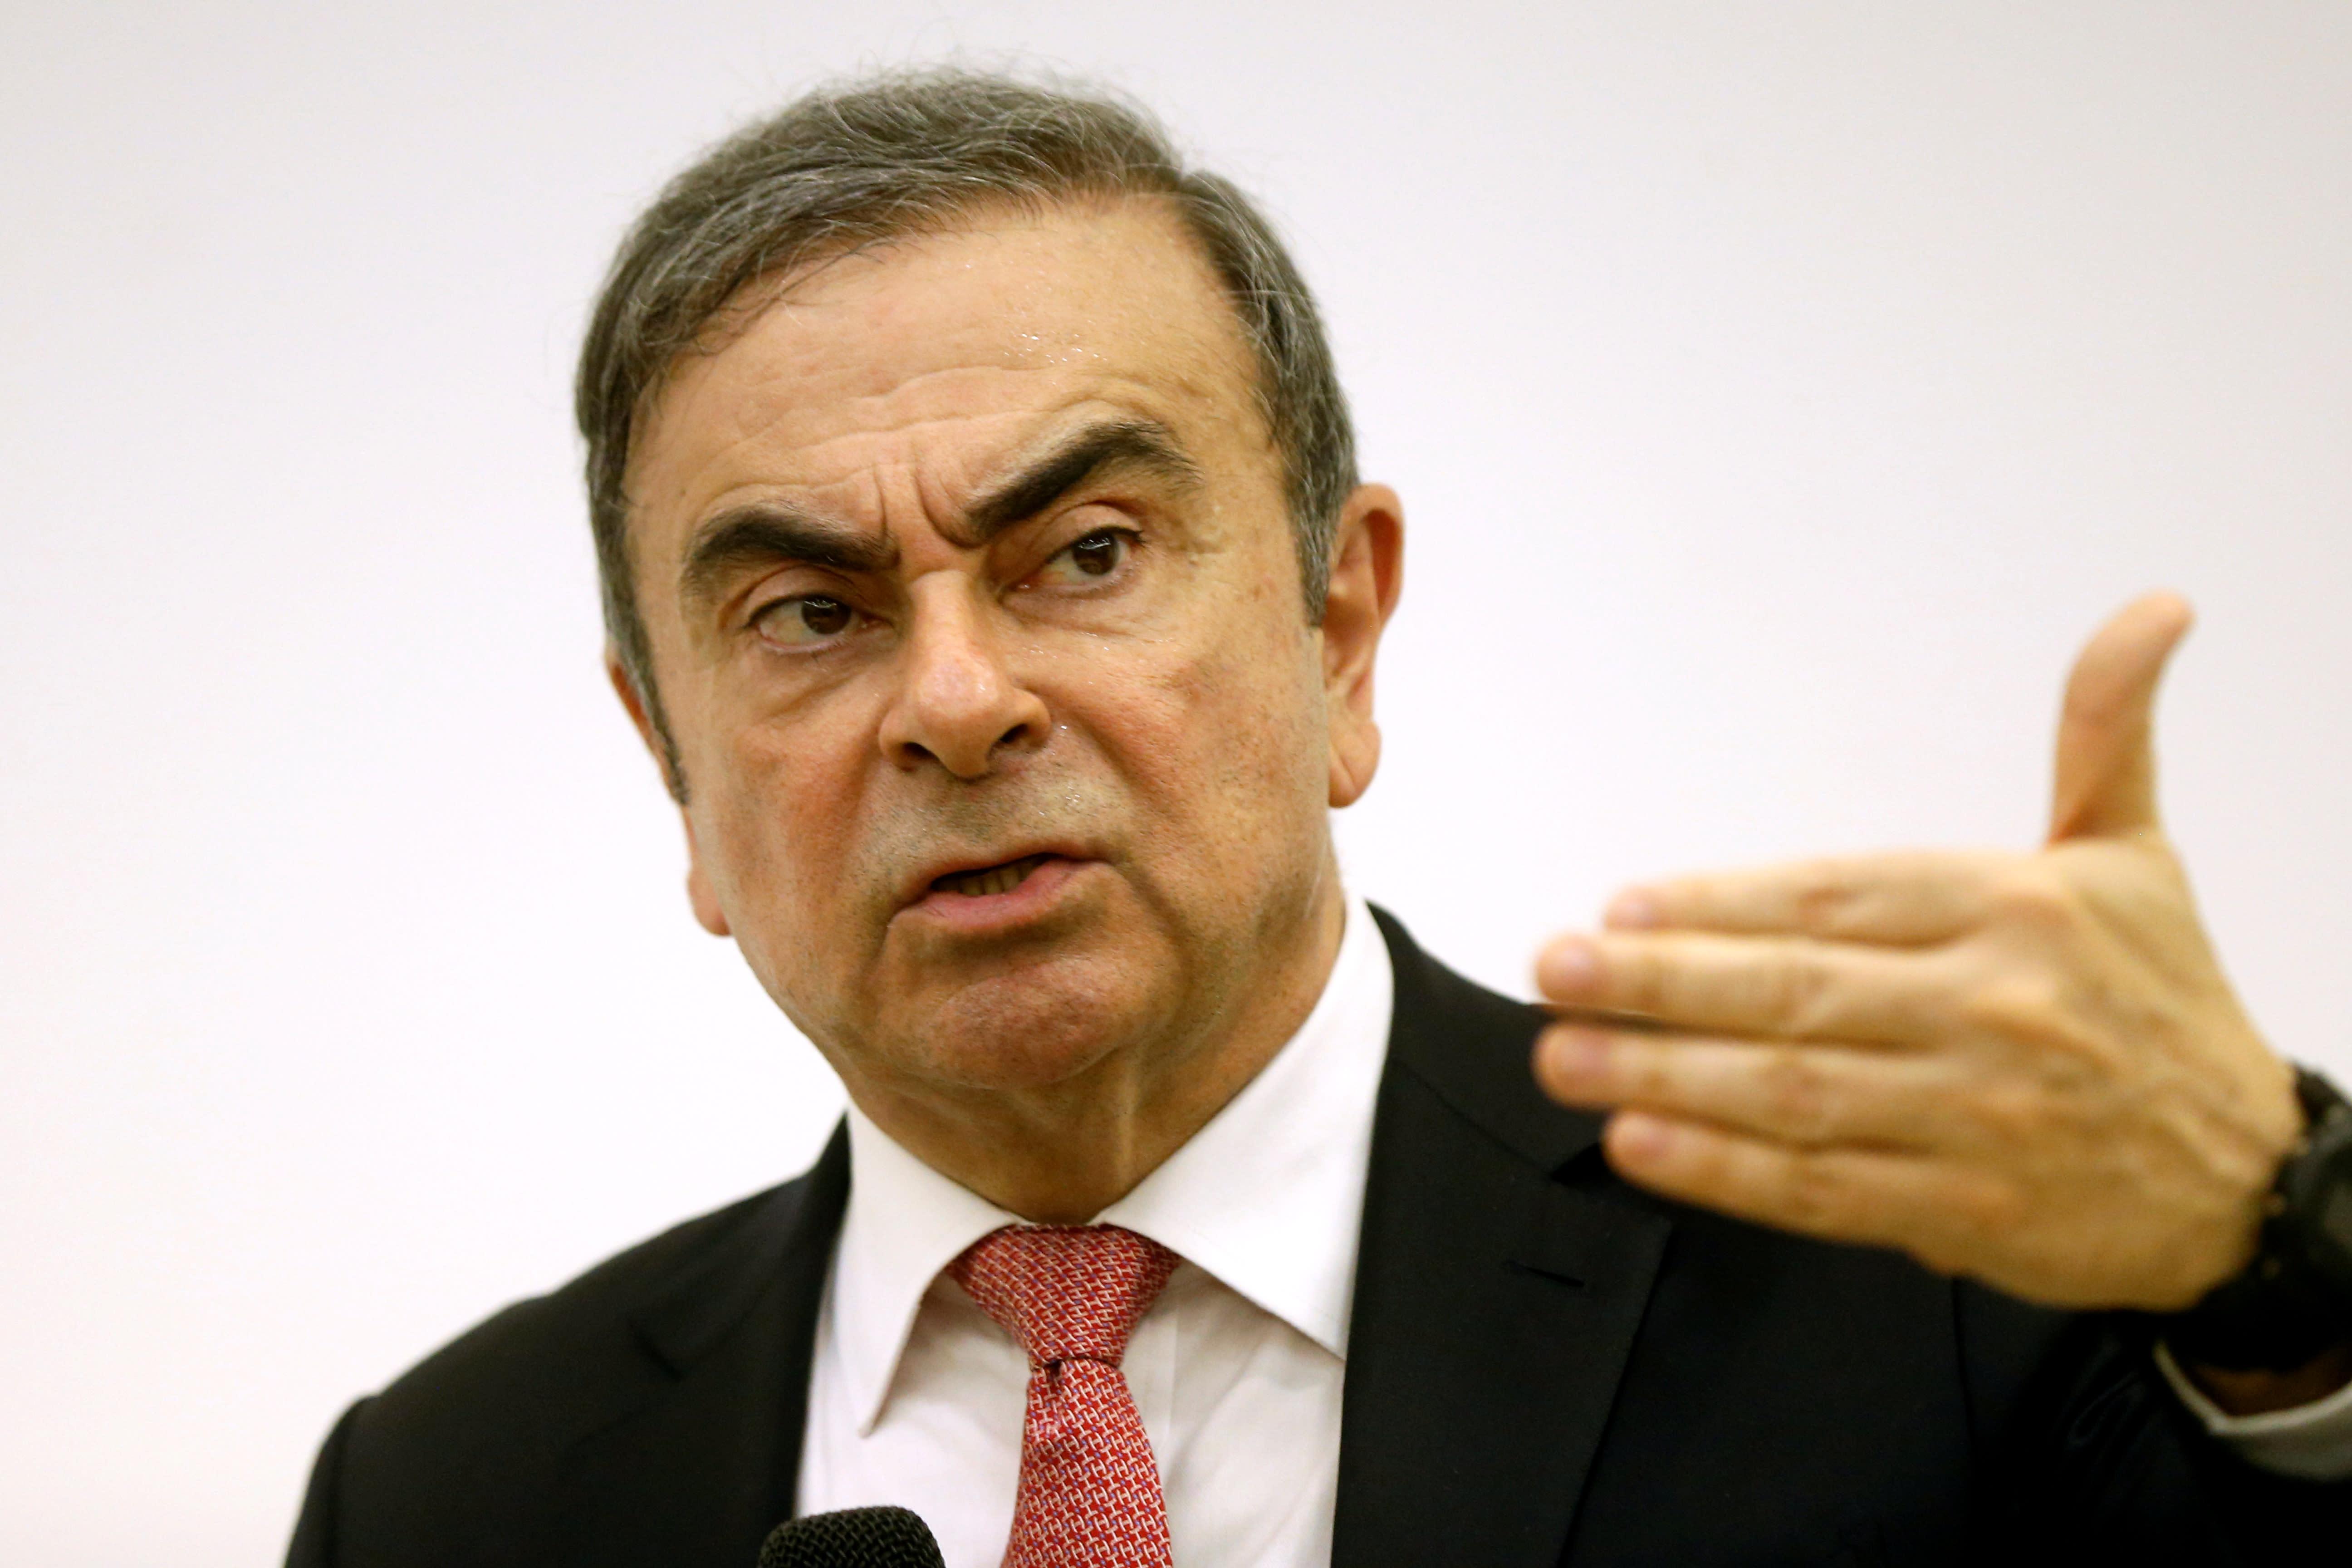 Carlos Ghosn team denies 'biased' Nissan's spending claims